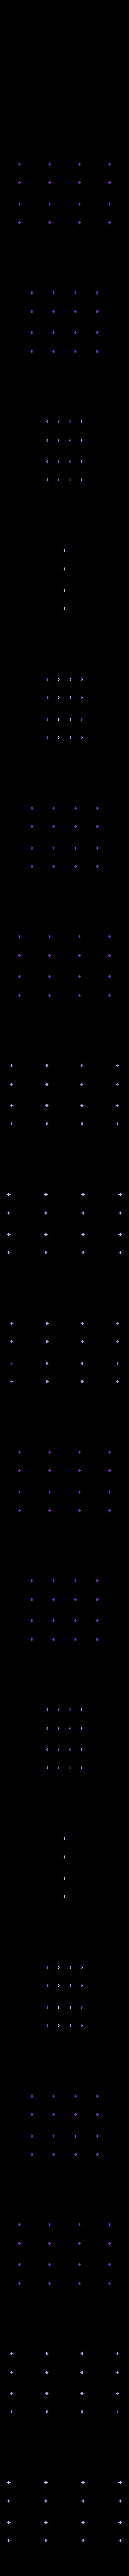 3_Bases_Outline.stl Télécharger fichier STL gratuit Plaques de montage gyroscopiques à cardan • Plan pour impression 3D, Bolnarb